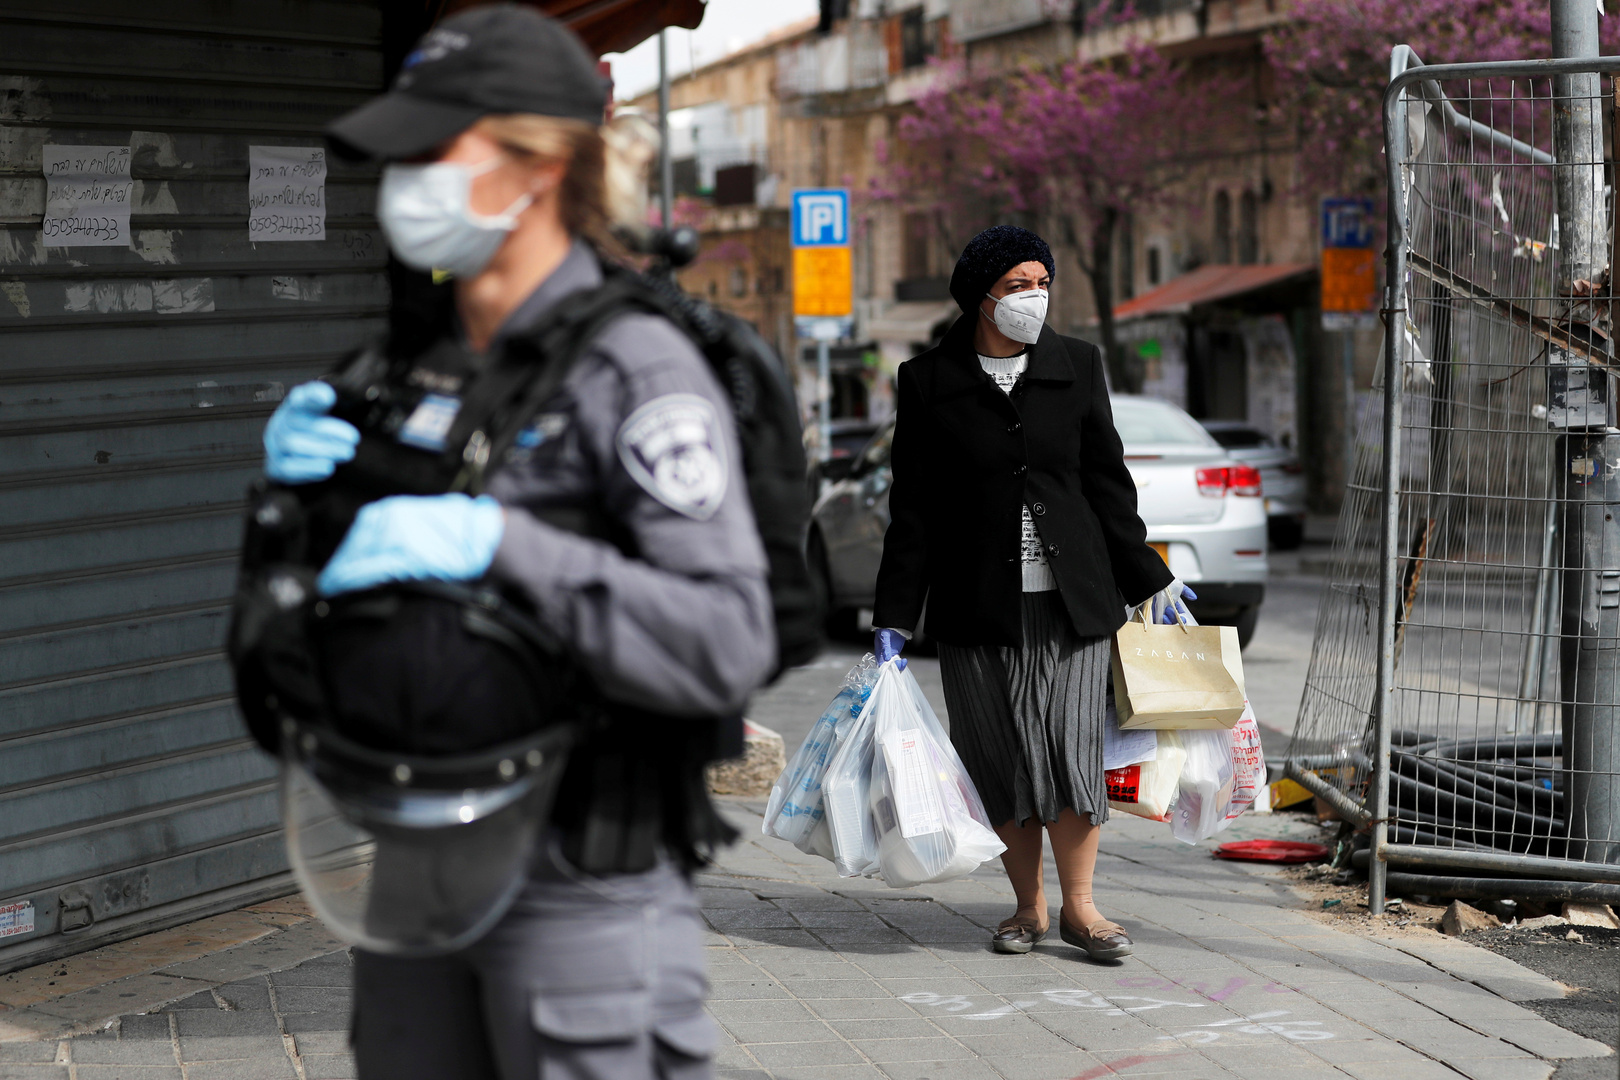 إسرائيل.. ارتفاع حصيلة ضحايا كورونا إلى 86